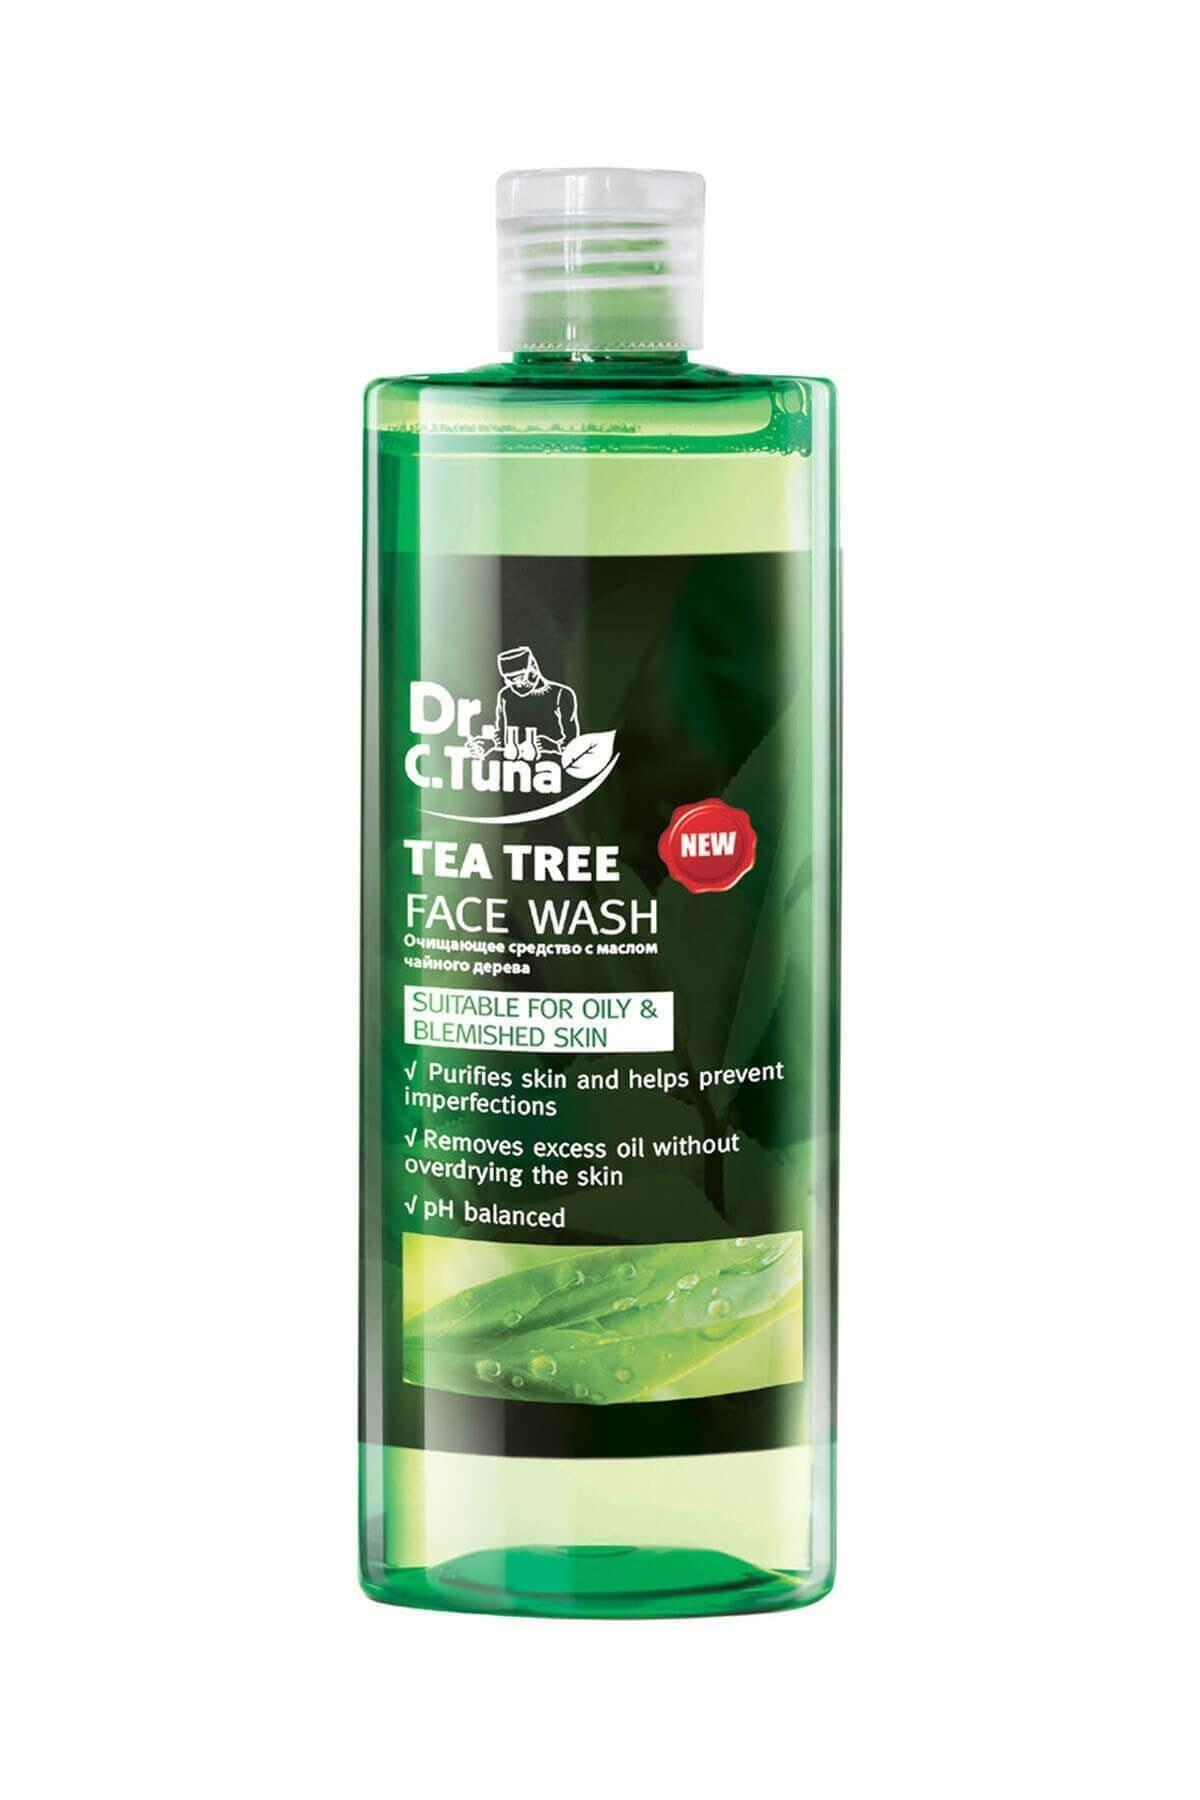 Farmasi Dr. C. Tuna Çay Ağacı Yağı Yüz Yıkama Jeli 225 Ml 8690131102739 1